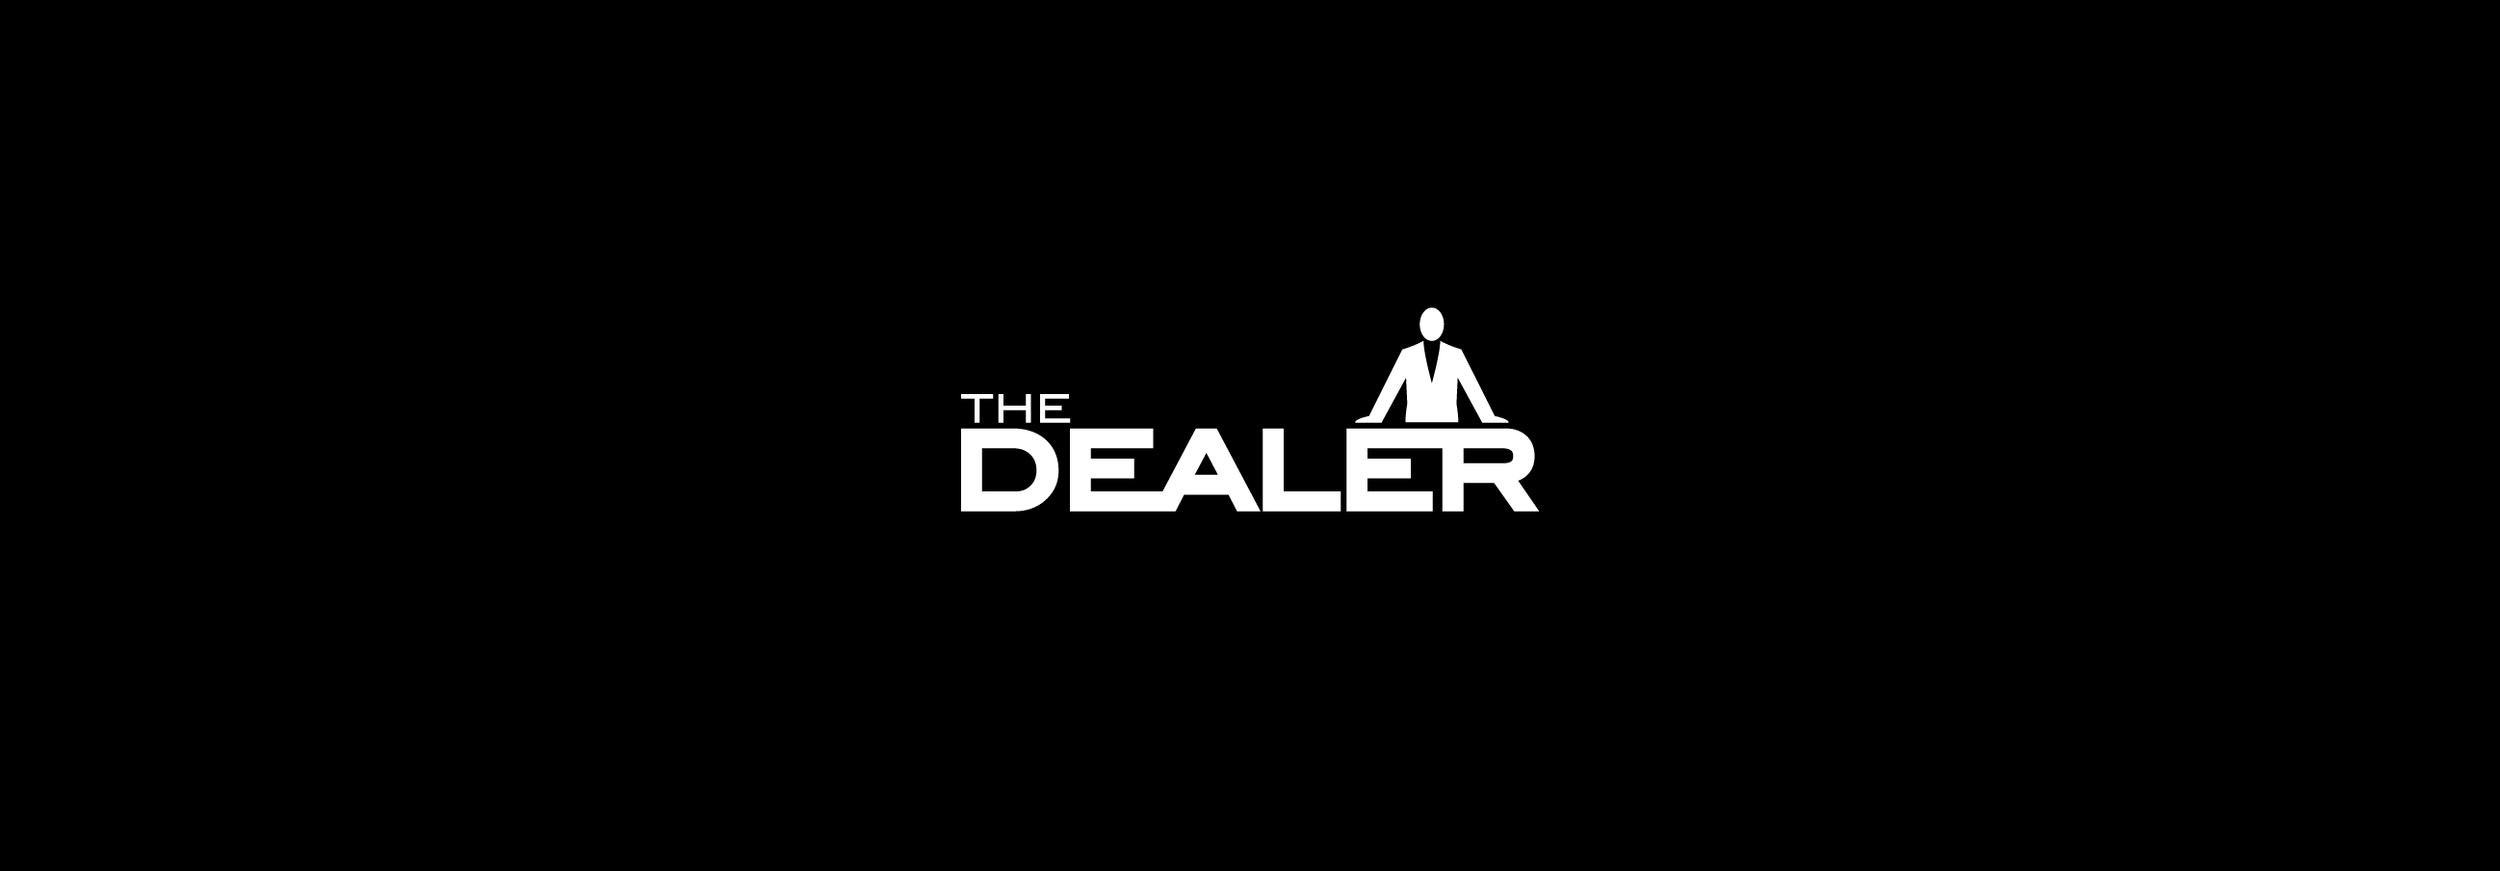 The-Dealer-Logo-2.png